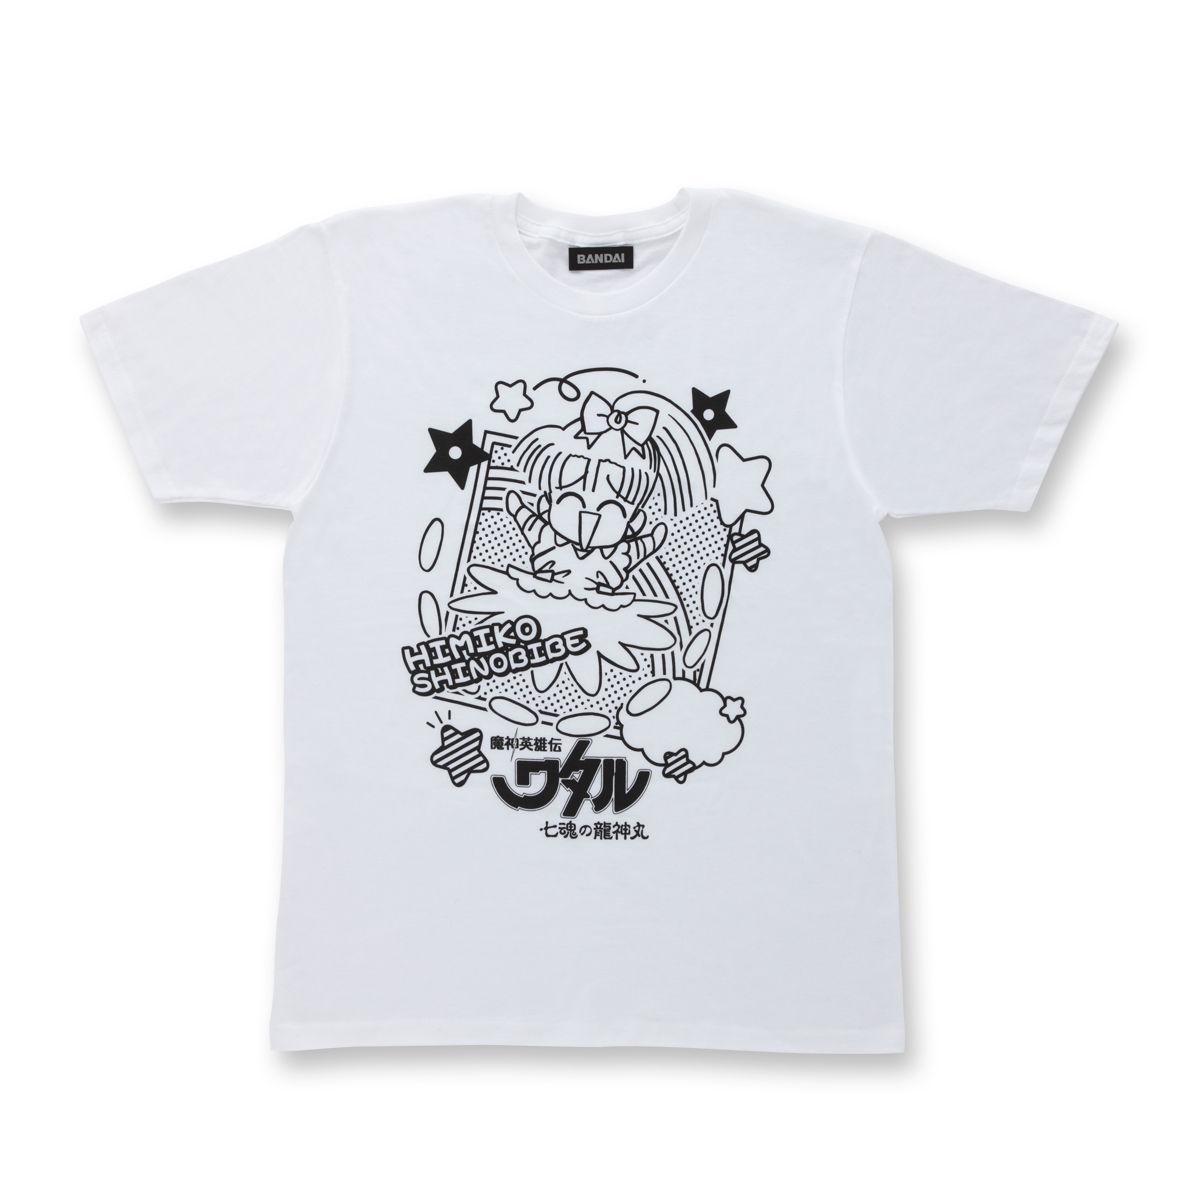 Himiko Shinobibe T-shirt—Mashin Hero Wataru: The Seven Spirits of Ryujinmaru